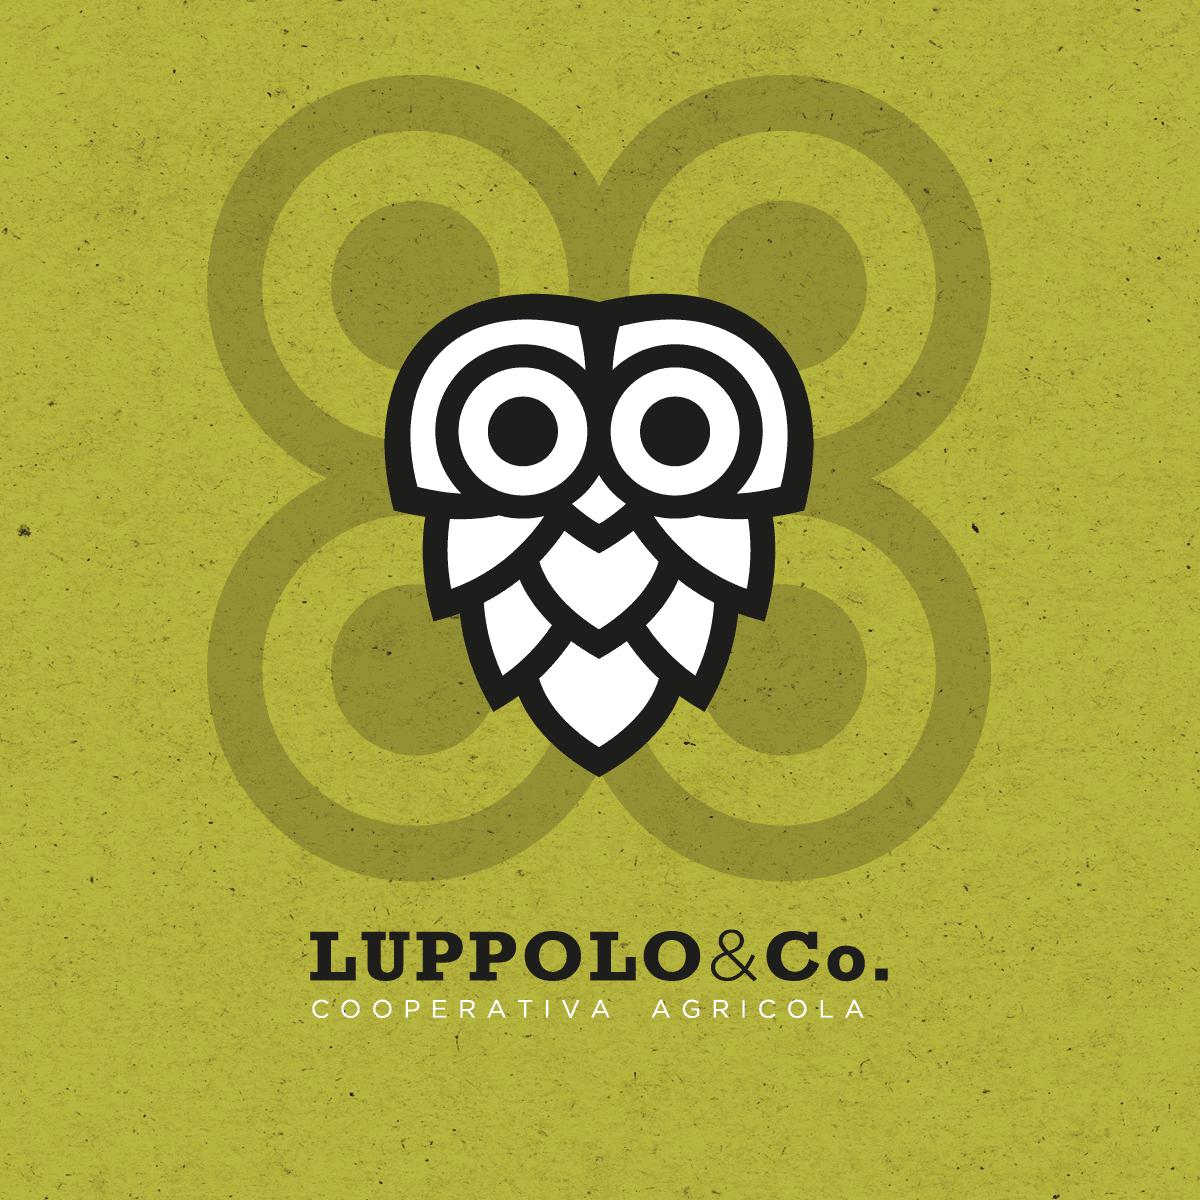 Luppolo&co, Logo verde